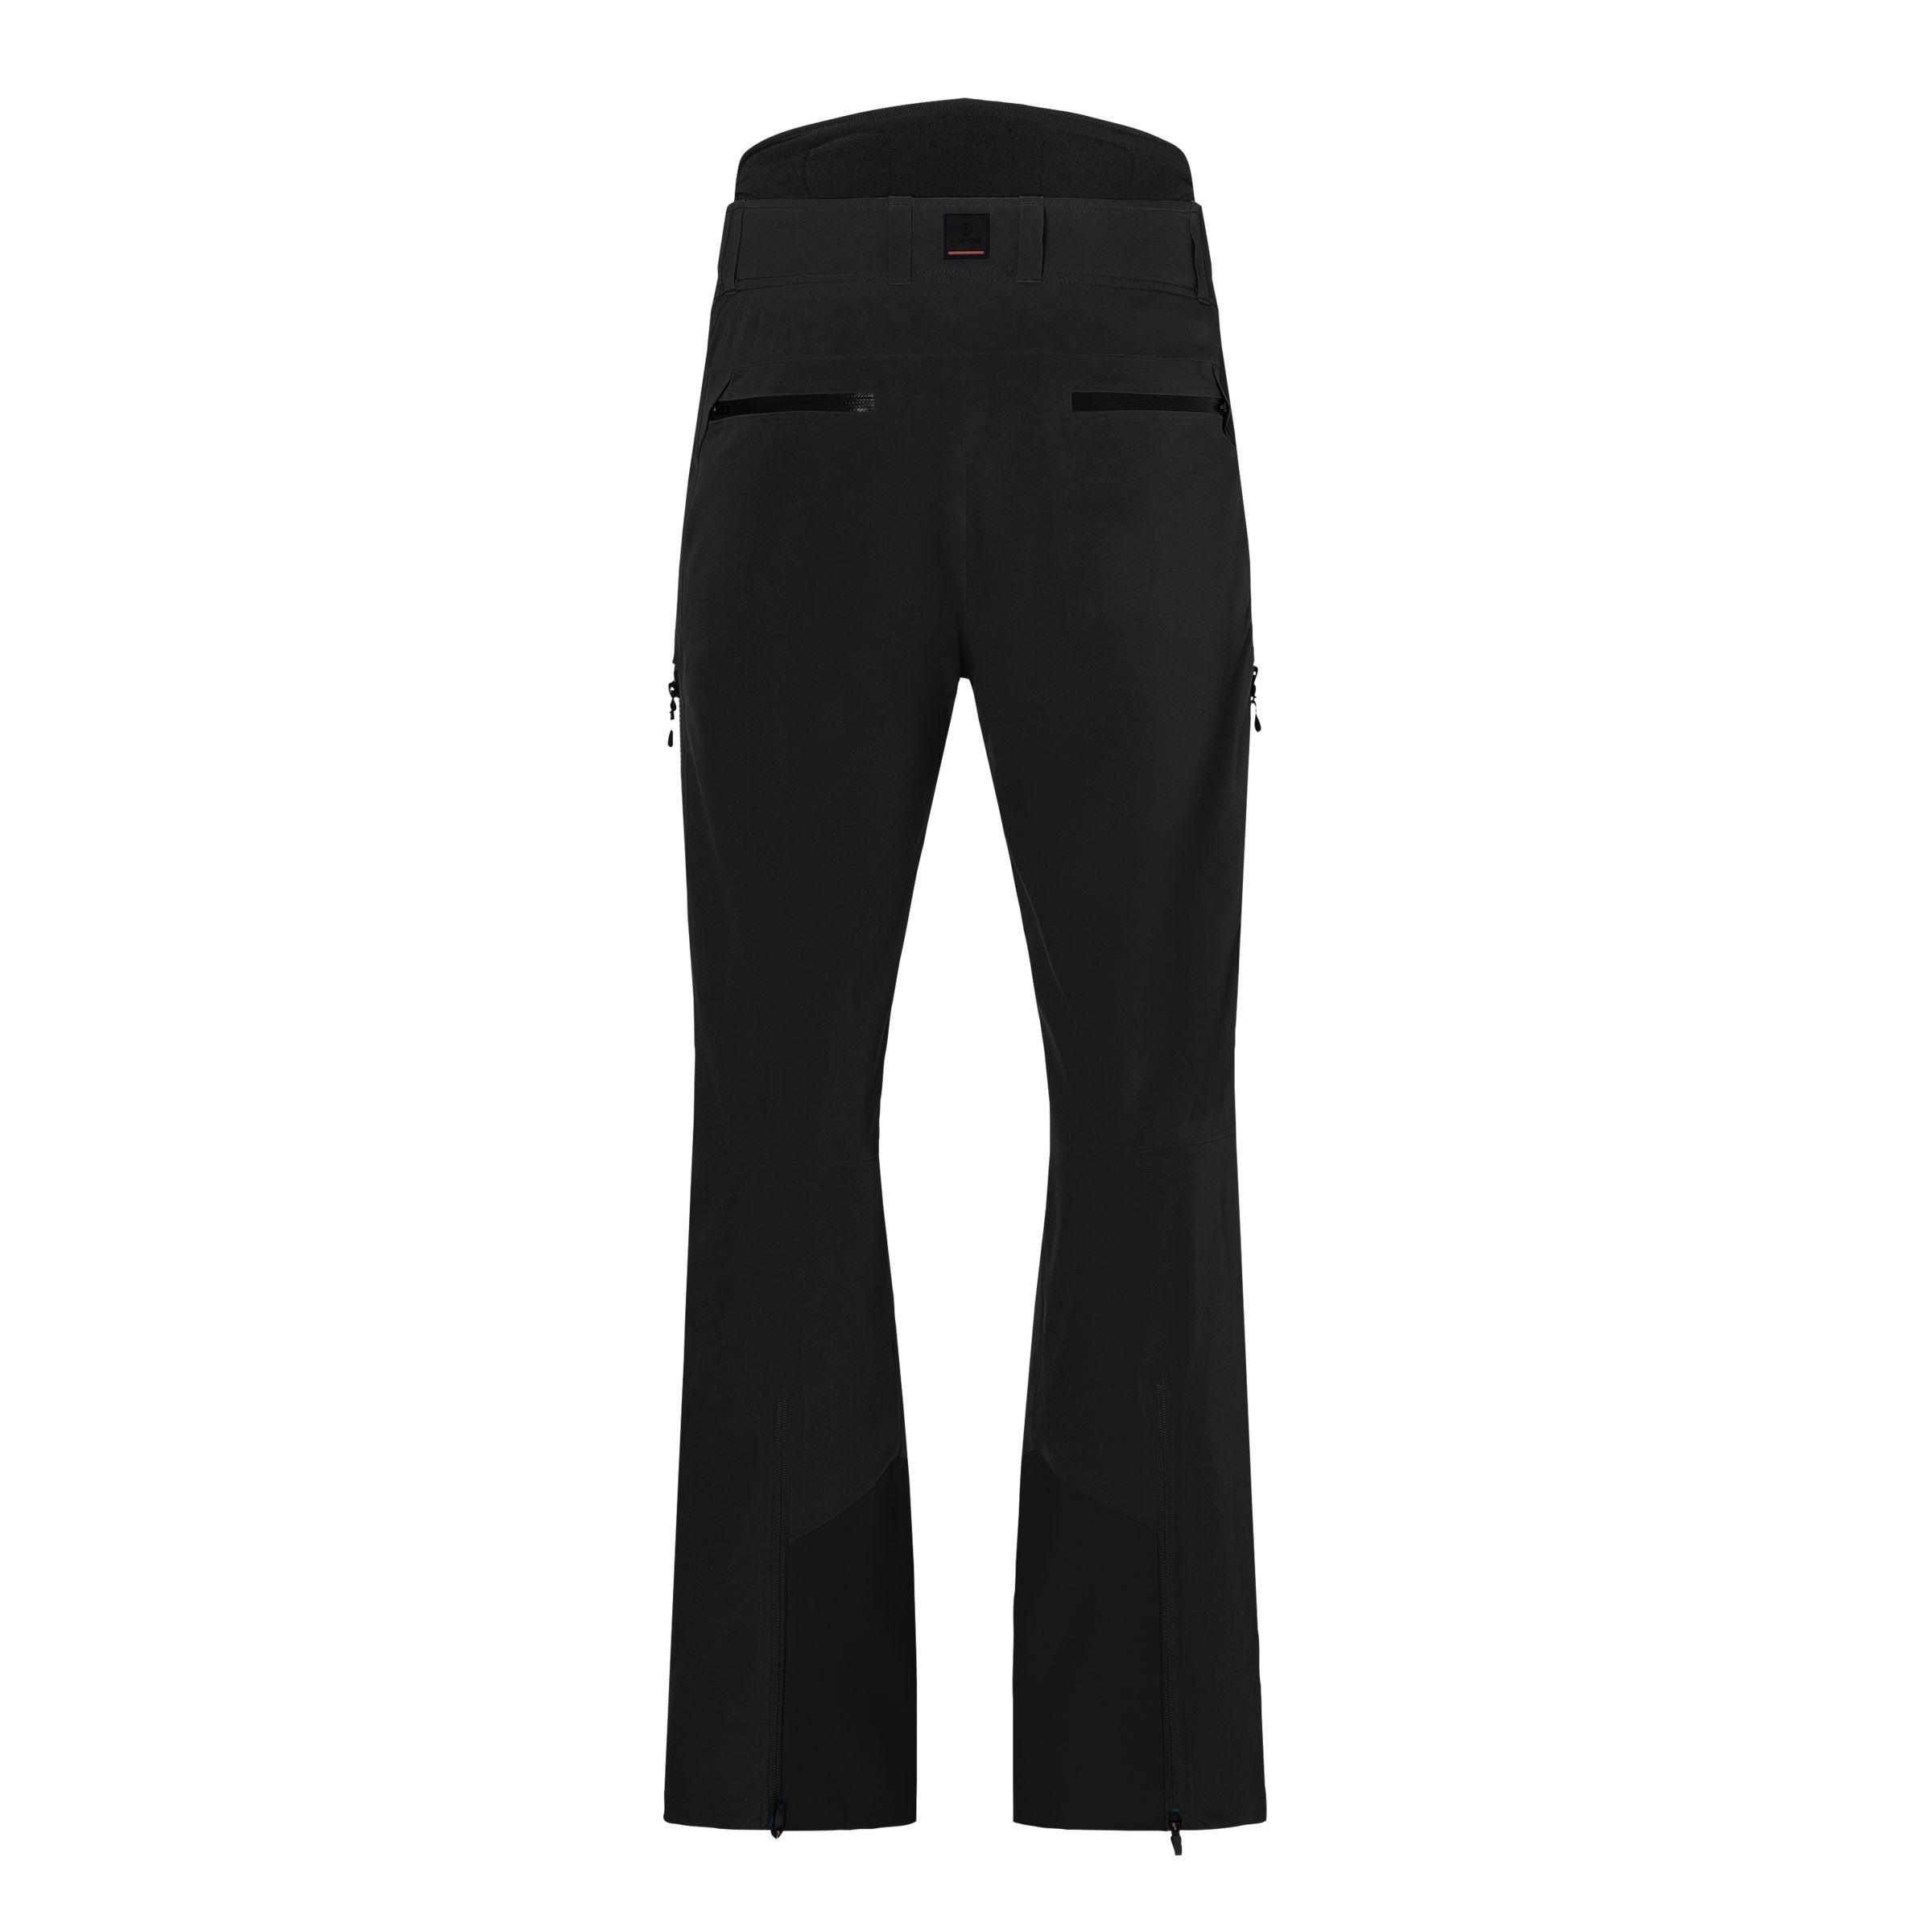 Pantaloni Ski & Snow -  bogner fire and ice NIC Ski Trousers